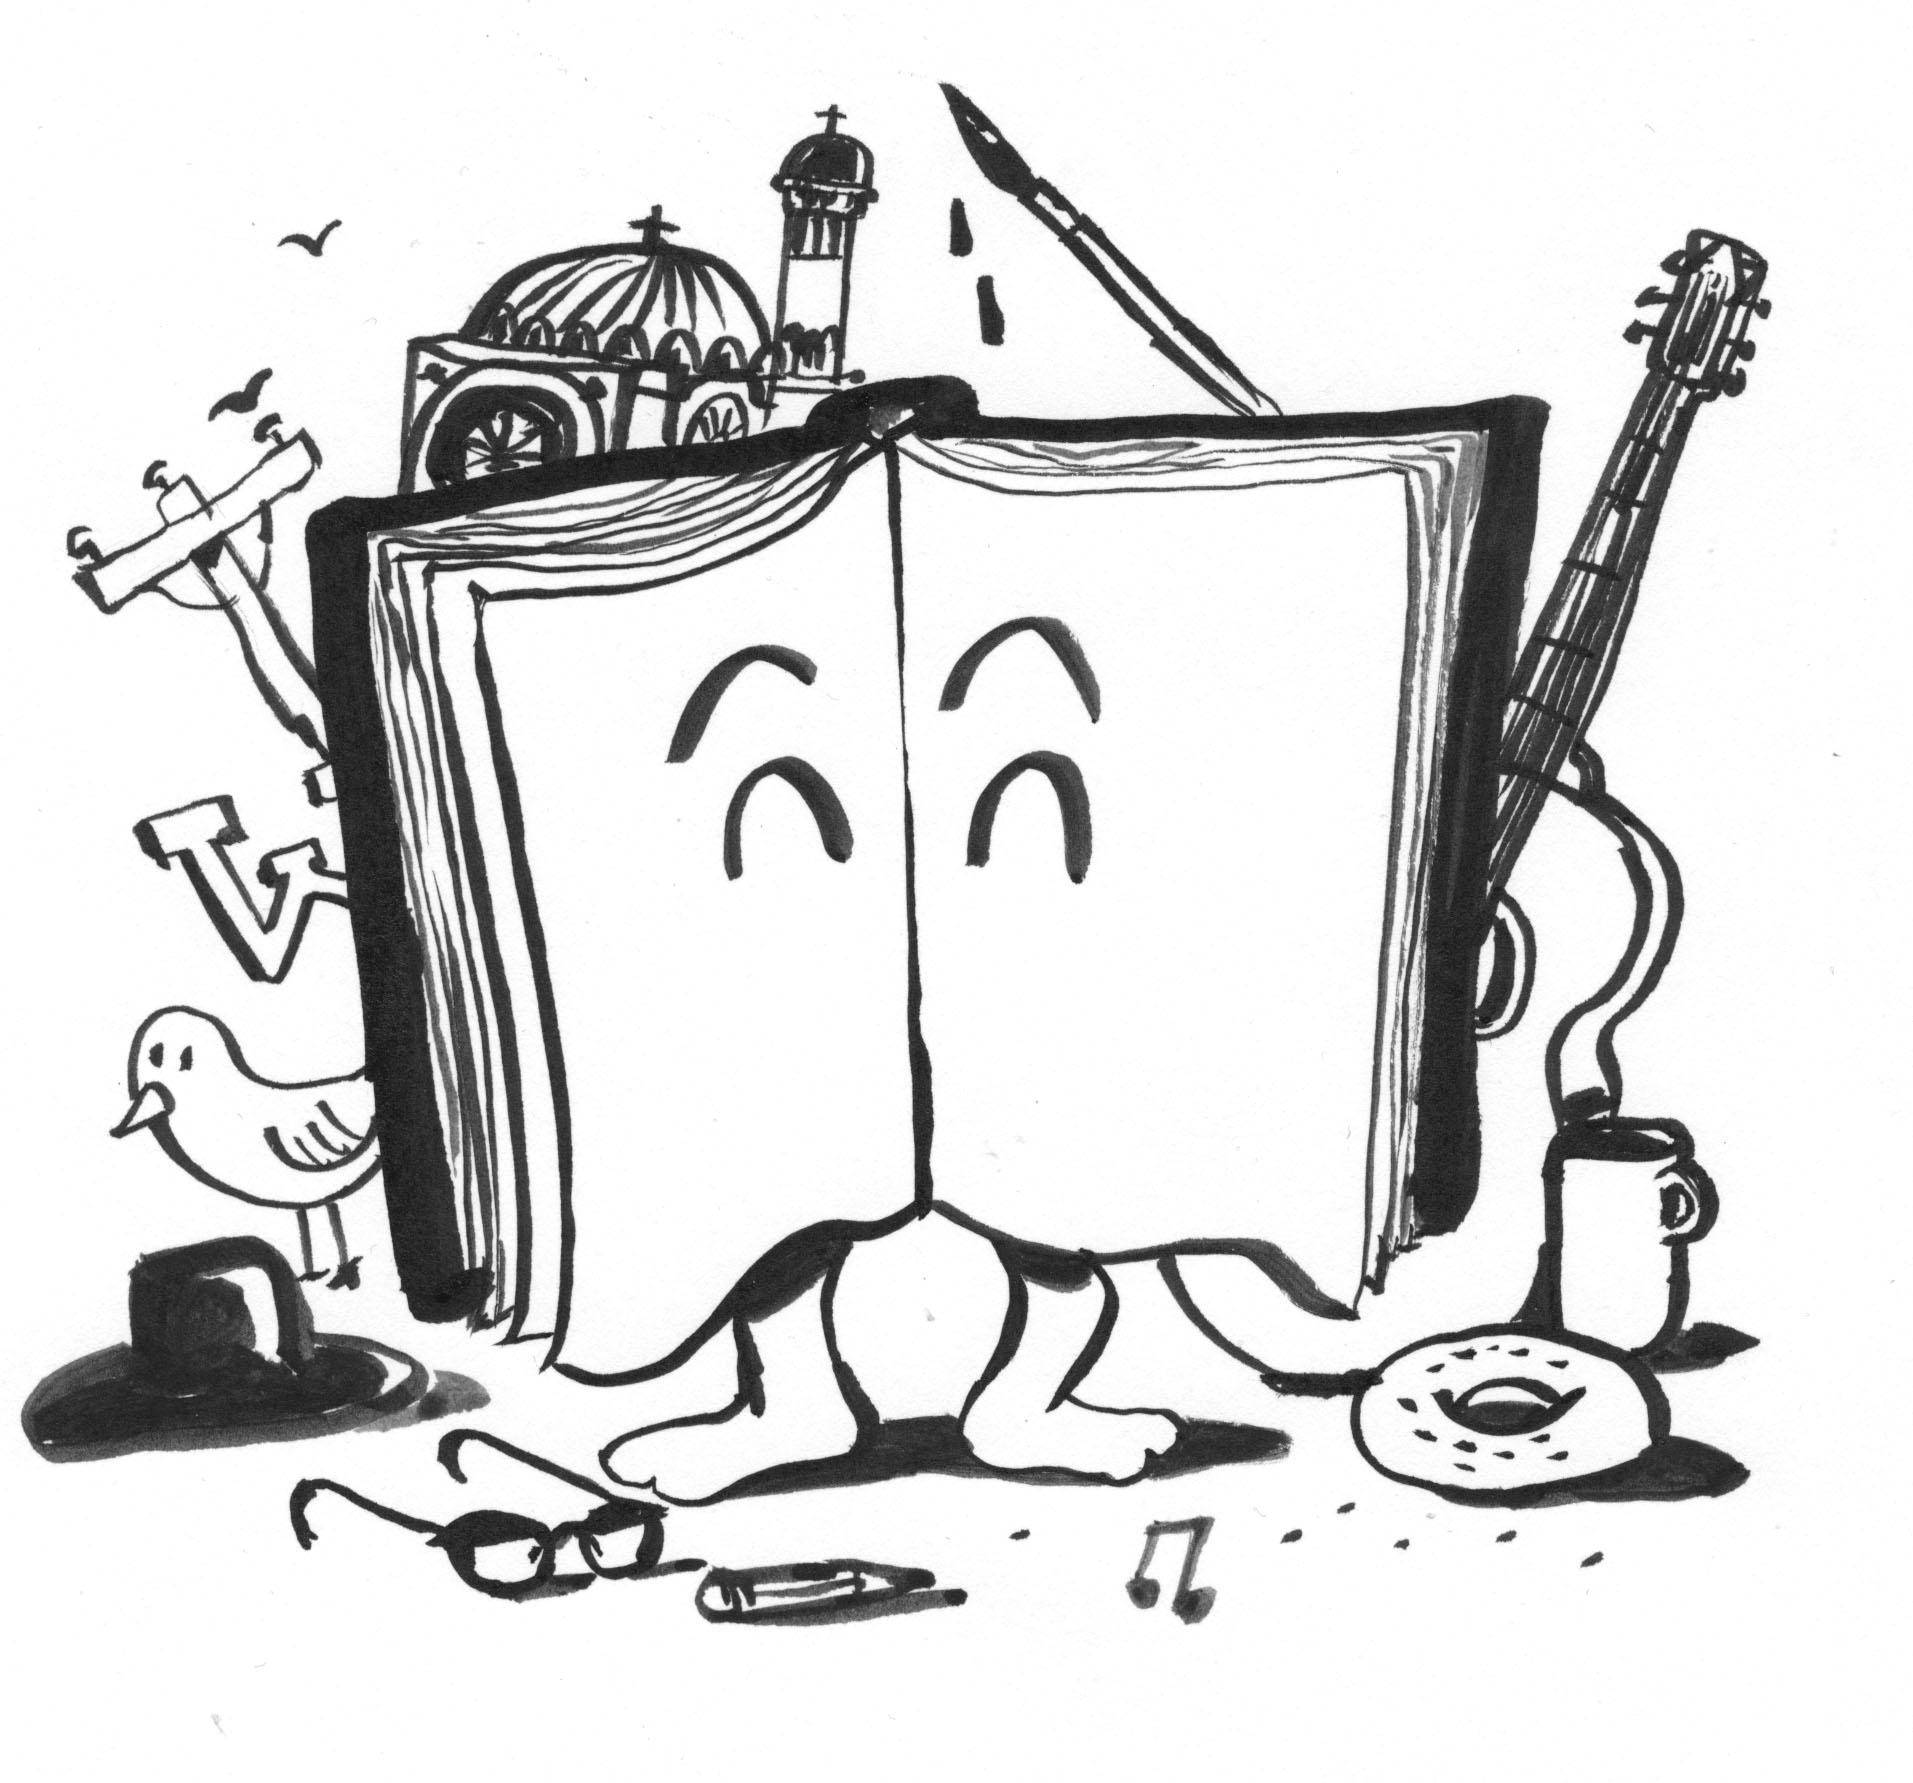 Dessin du livre vivant par Michel Hellman